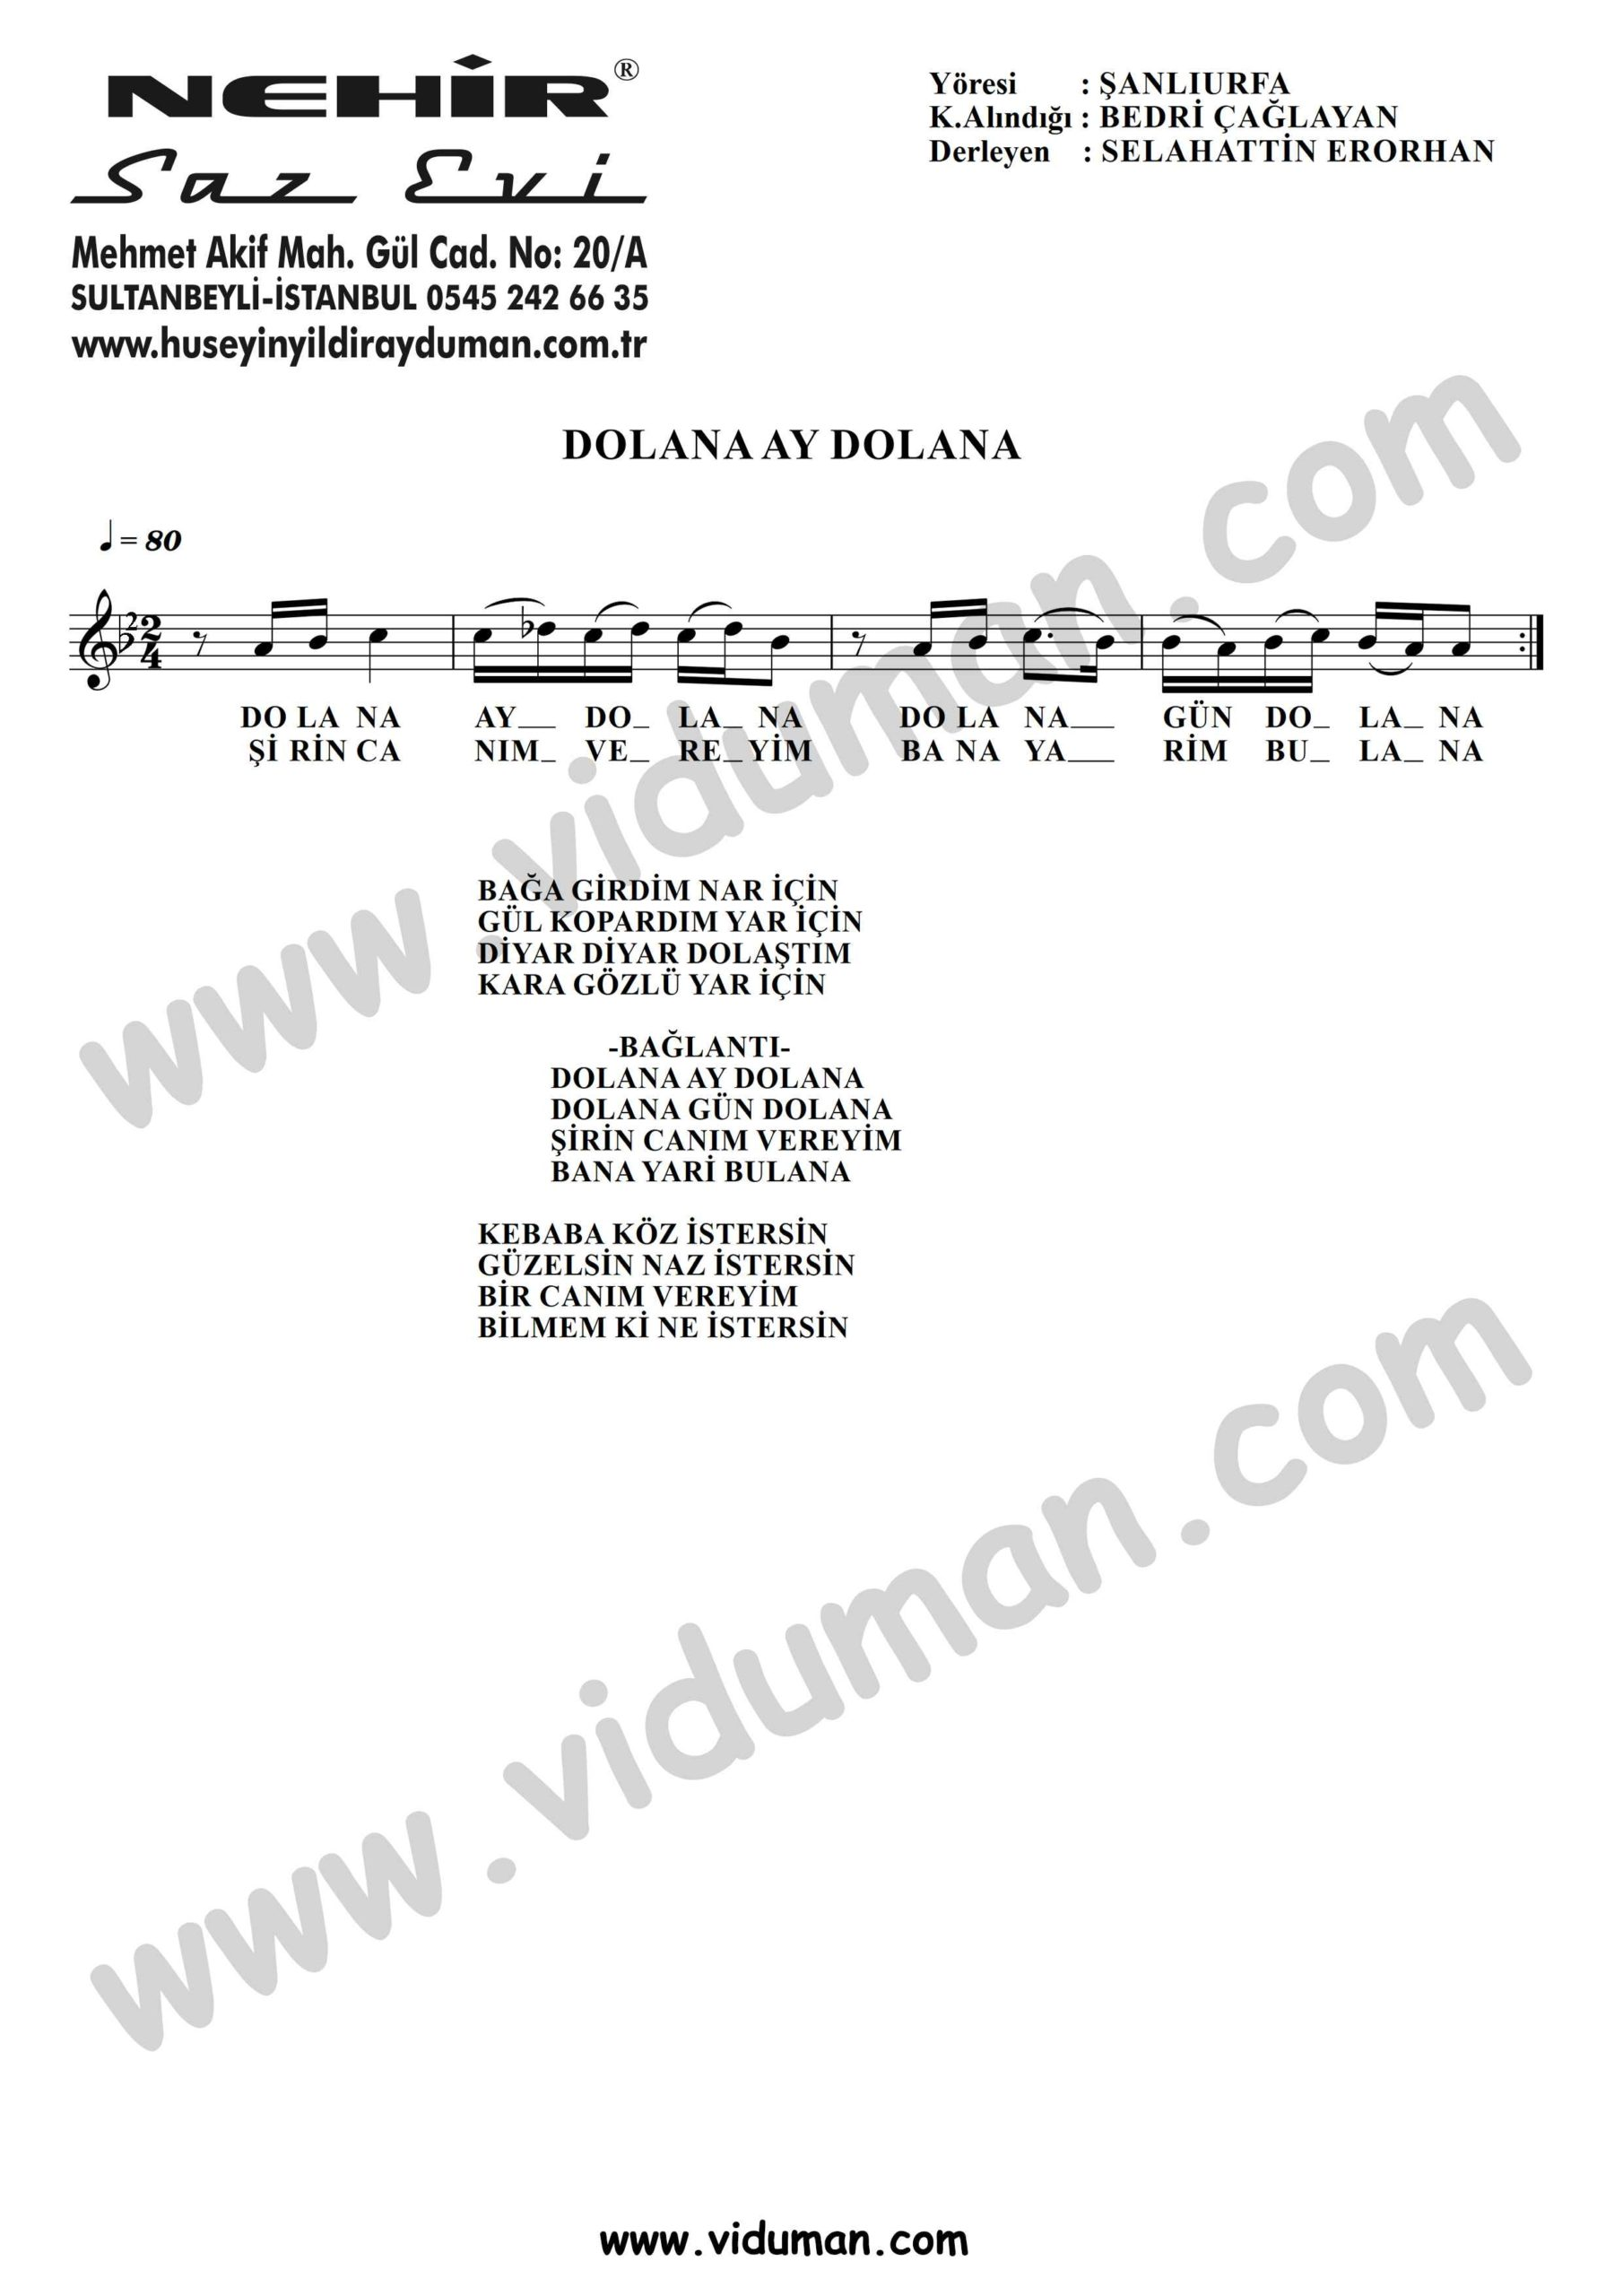 Dolana Ay Dolana-Baglama-Saz-Turku-Notalari